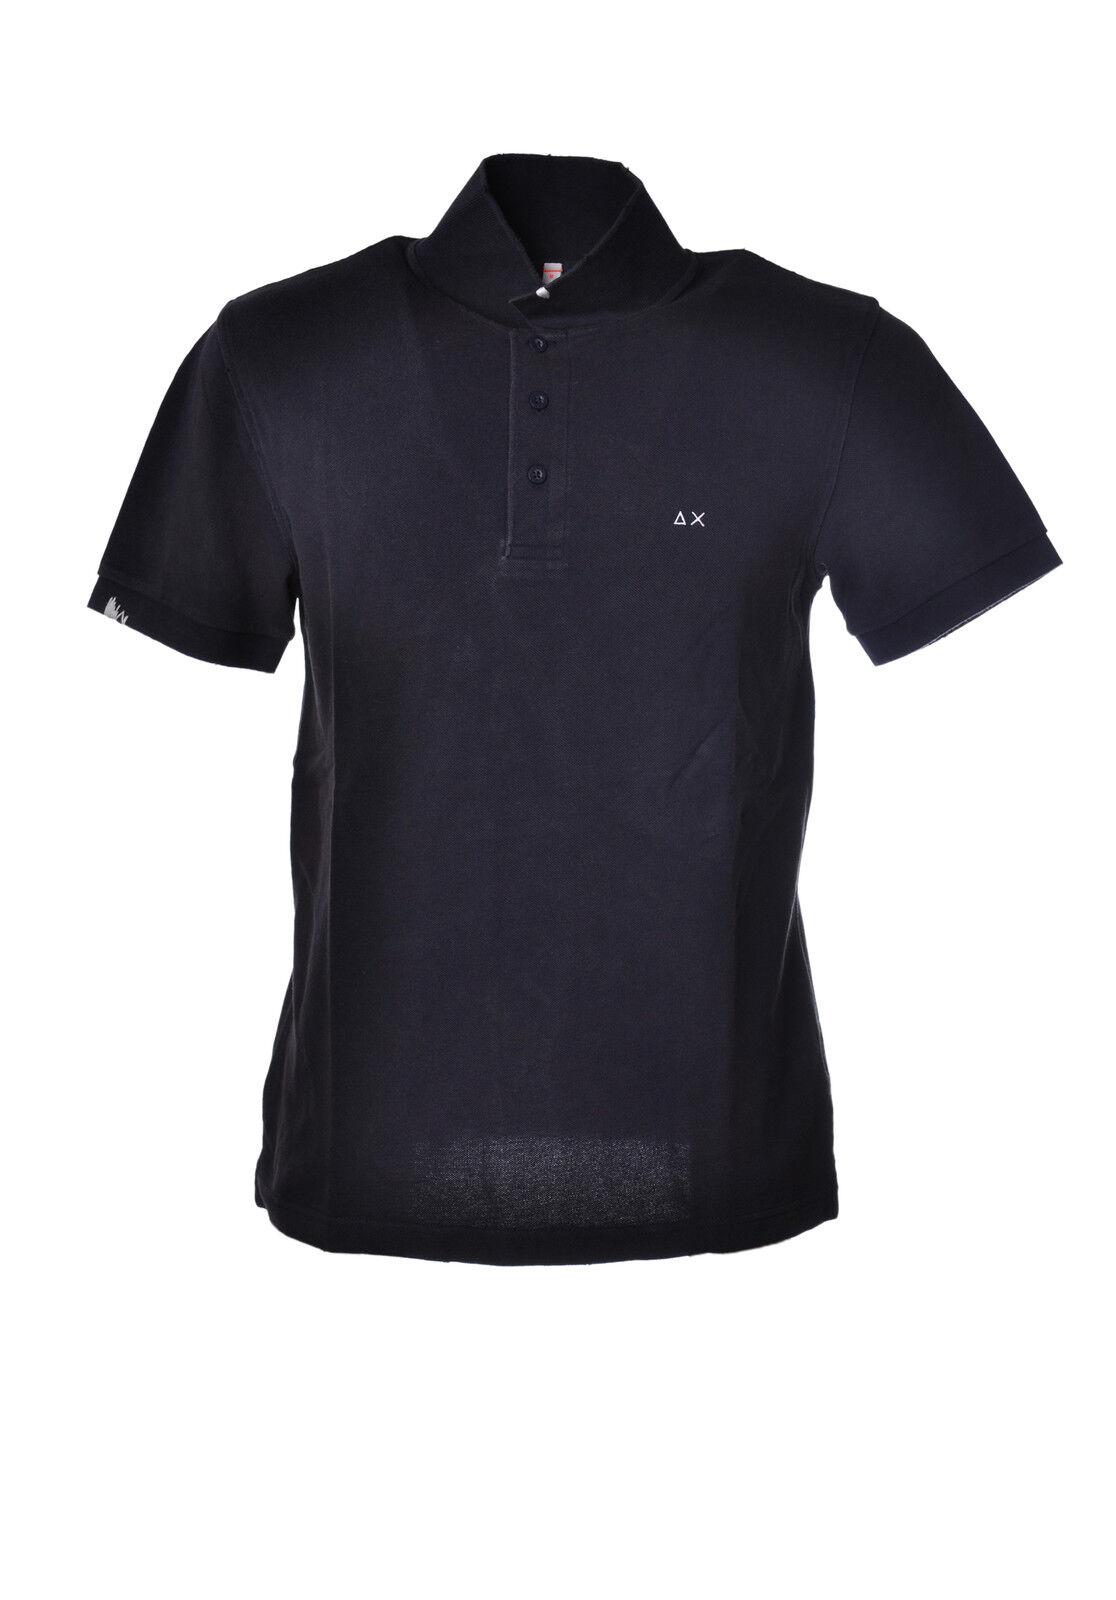 Sun 68 - Topwear-Polo - Man - bluee - 3189131G185357